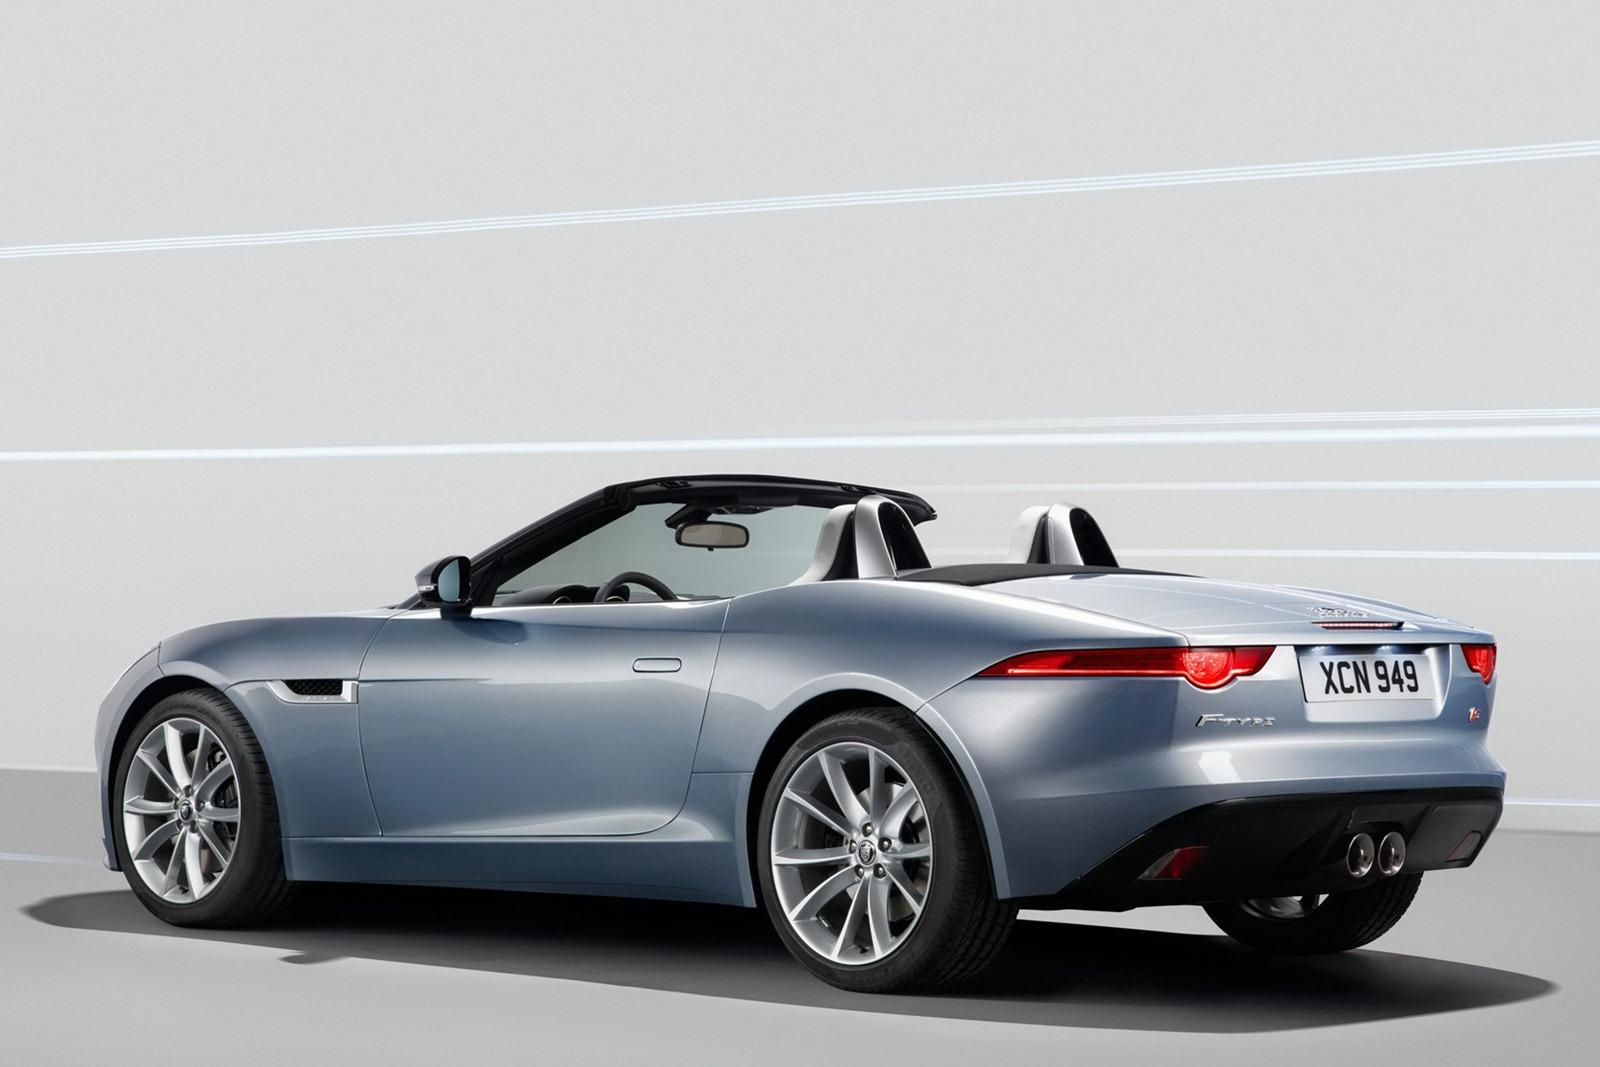 jaguar f type specs prices and sportcar otomild. Black Bedroom Furniture Sets. Home Design Ideas